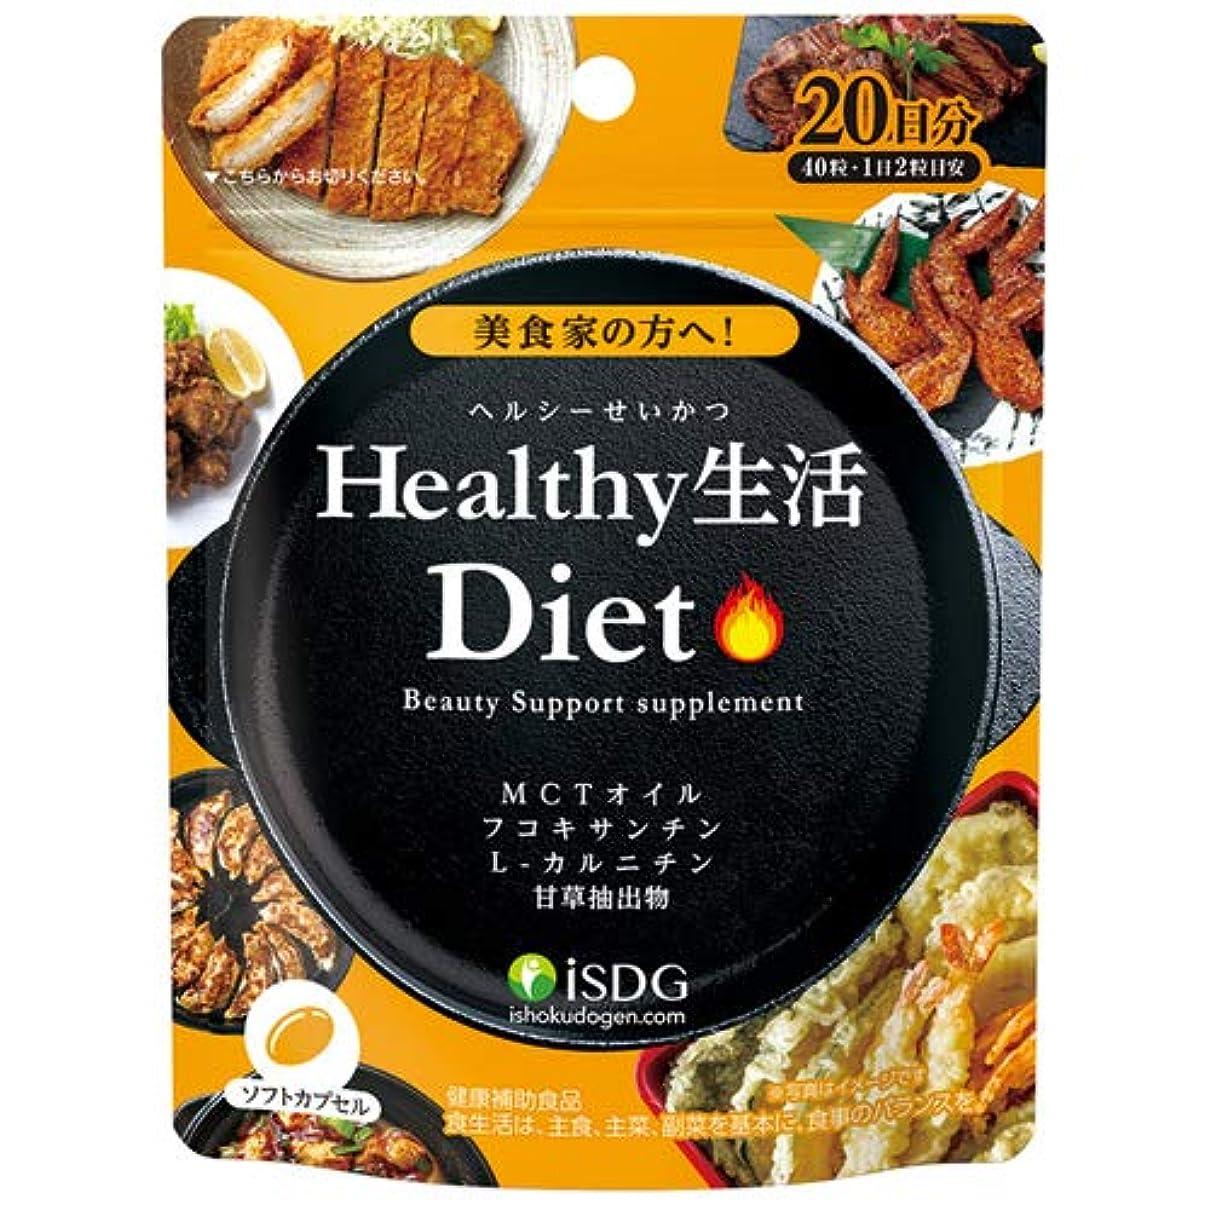 怠仮称奨励しますISDG 医食同源ドットコム Healthy生活Diet サプリメント [ MCTオイル フコキサンチン L-カルニチン 甘草抽出物 ] 40粒 20日分